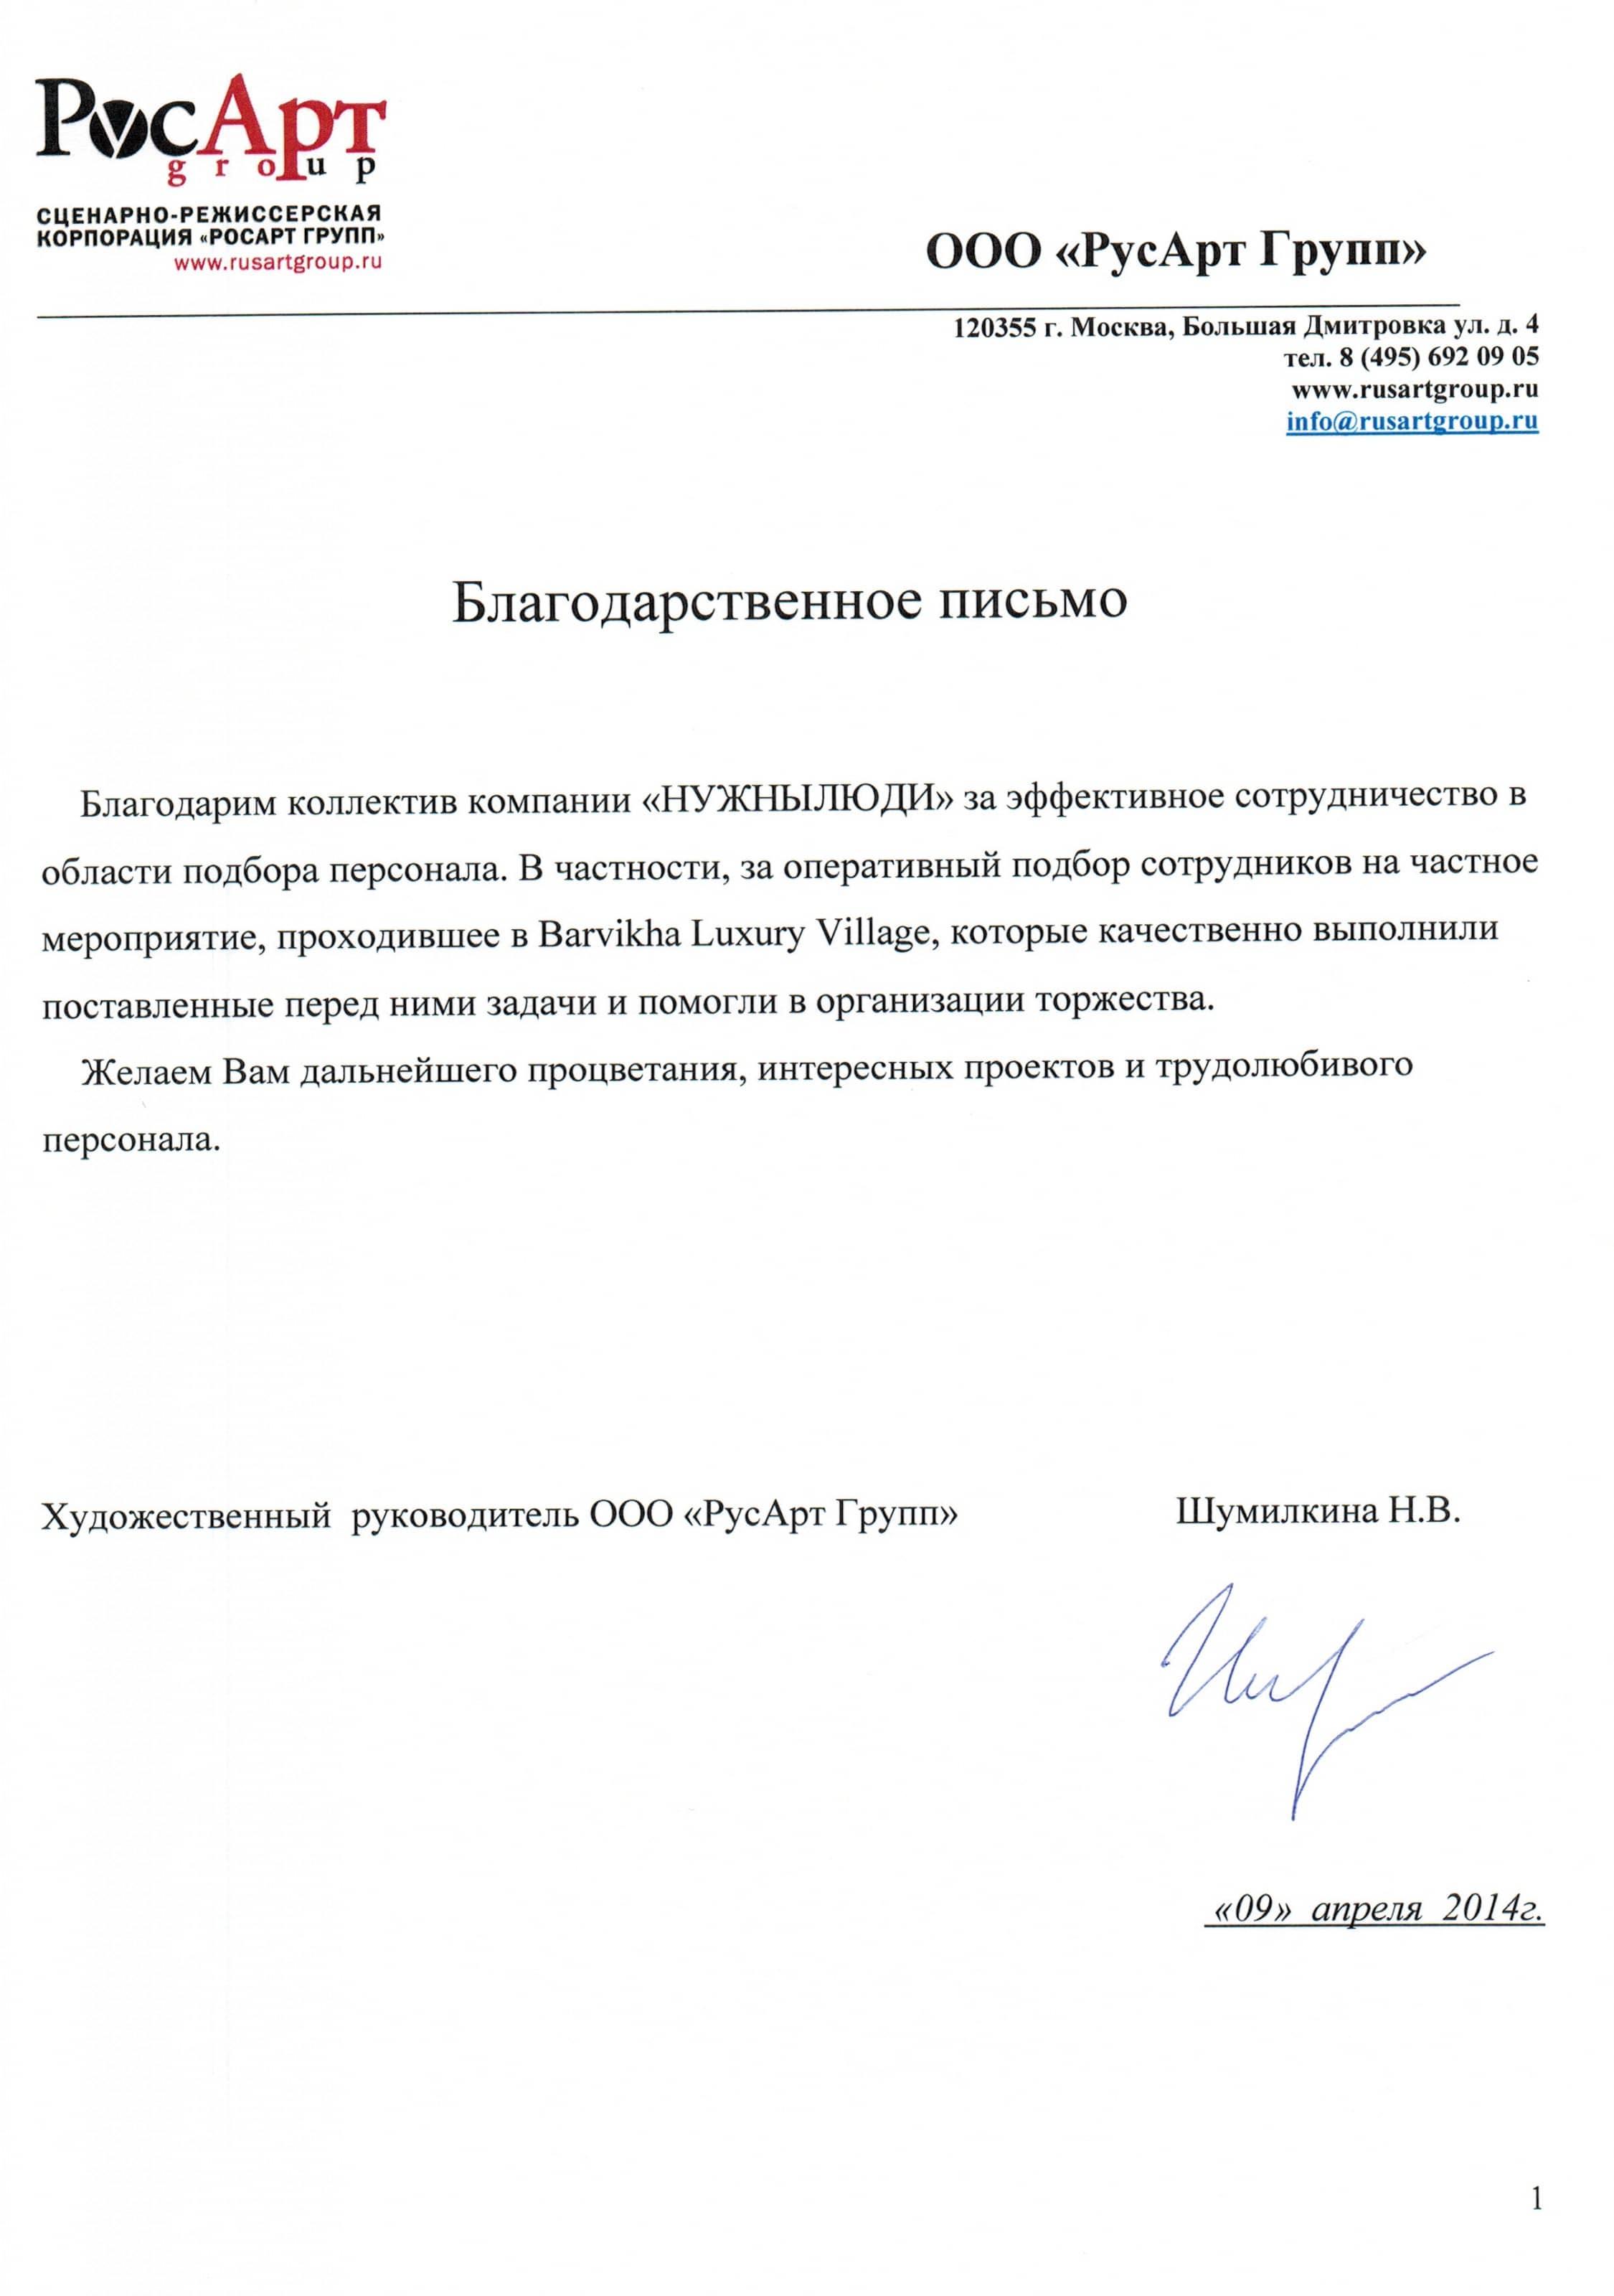 Договор по аутстаффингу персонала образец - restoran-pushkinski.ru